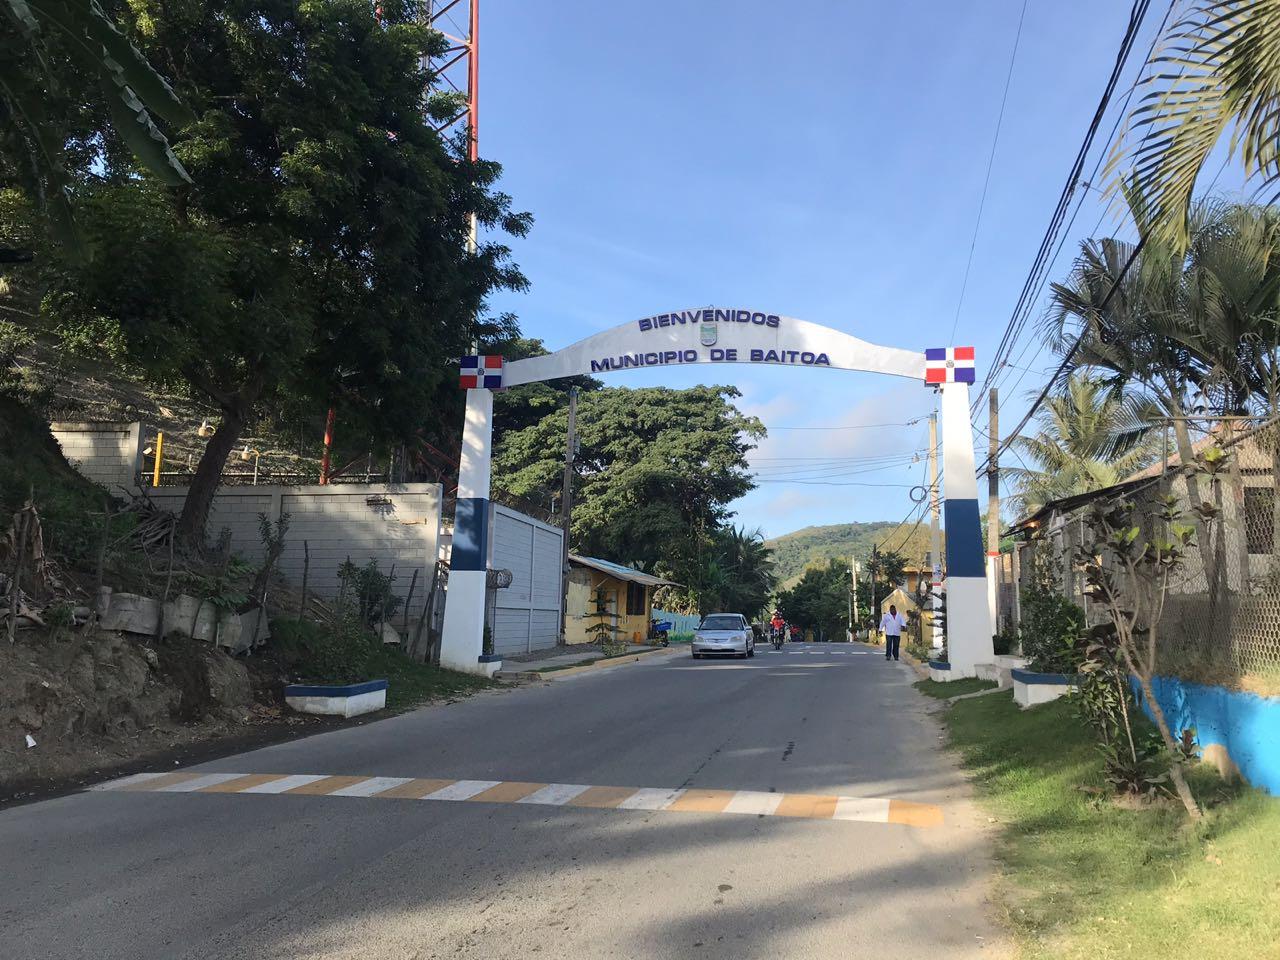 Ayuntamiento Municipal de Baitoa inaugura la entrada de su municipio